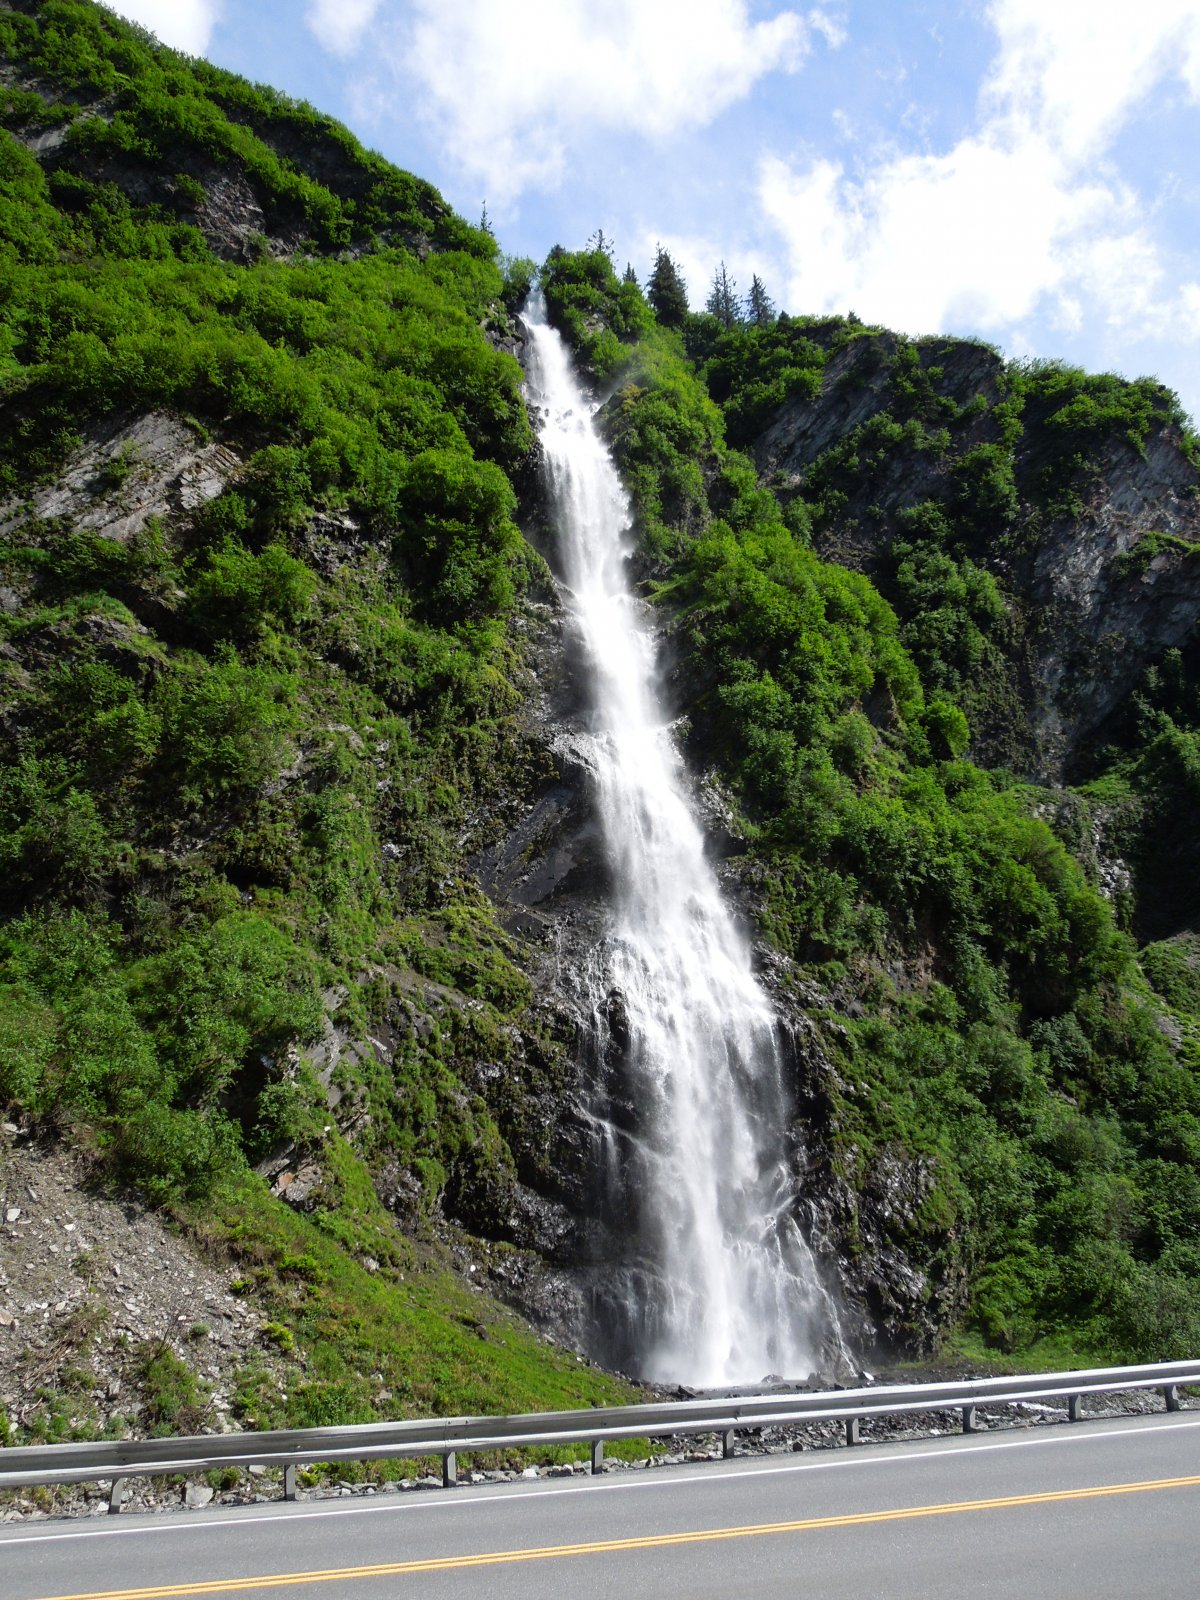 Click image for larger version  Name:Glennallen to Valdez 114.jpg Views:70 Size:568.7 KB ID:215343